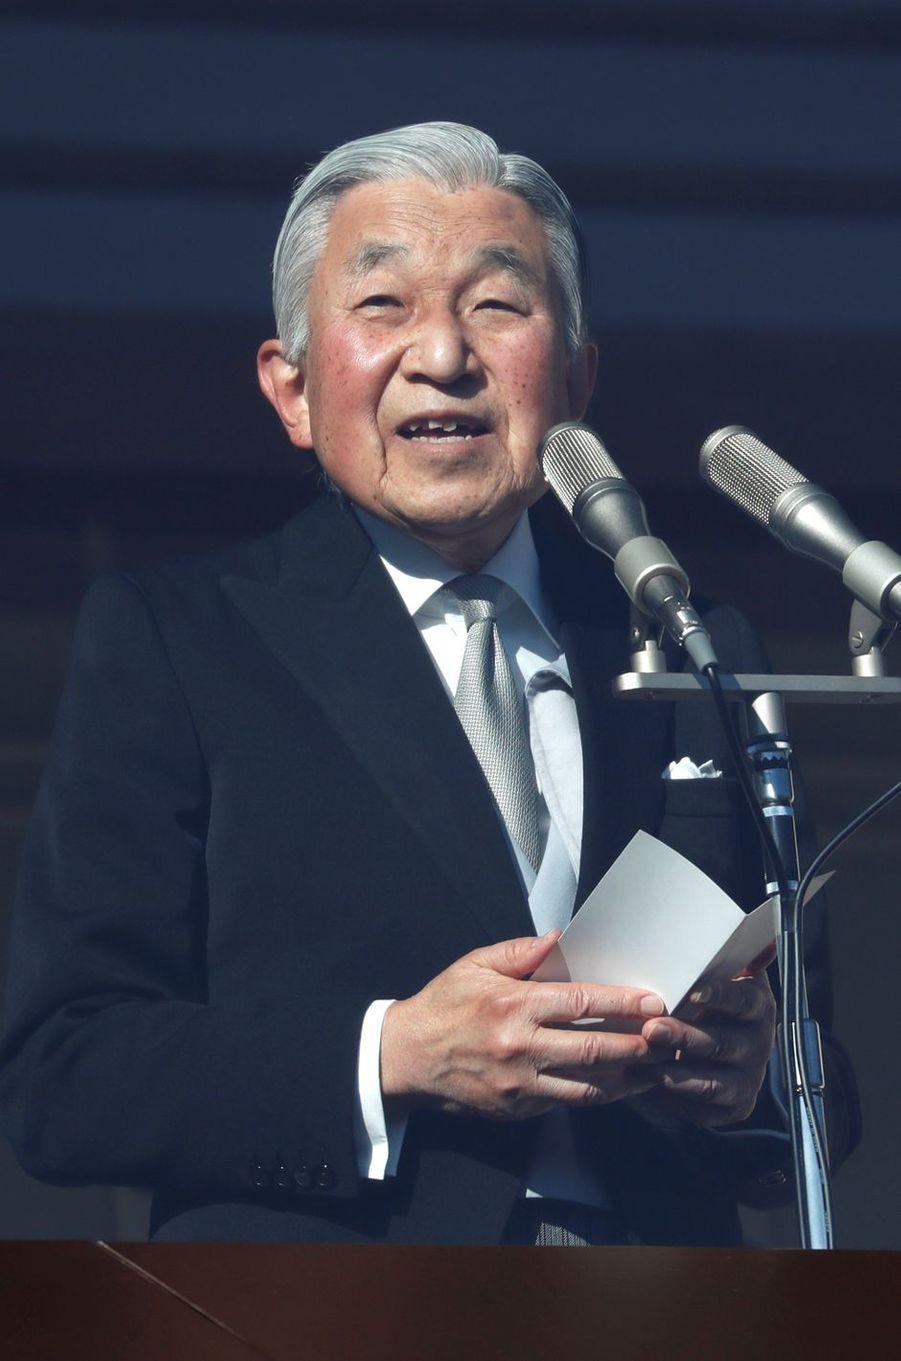 L'empereur Akihito du Japon à Tokyo, le 23 décembre 2017